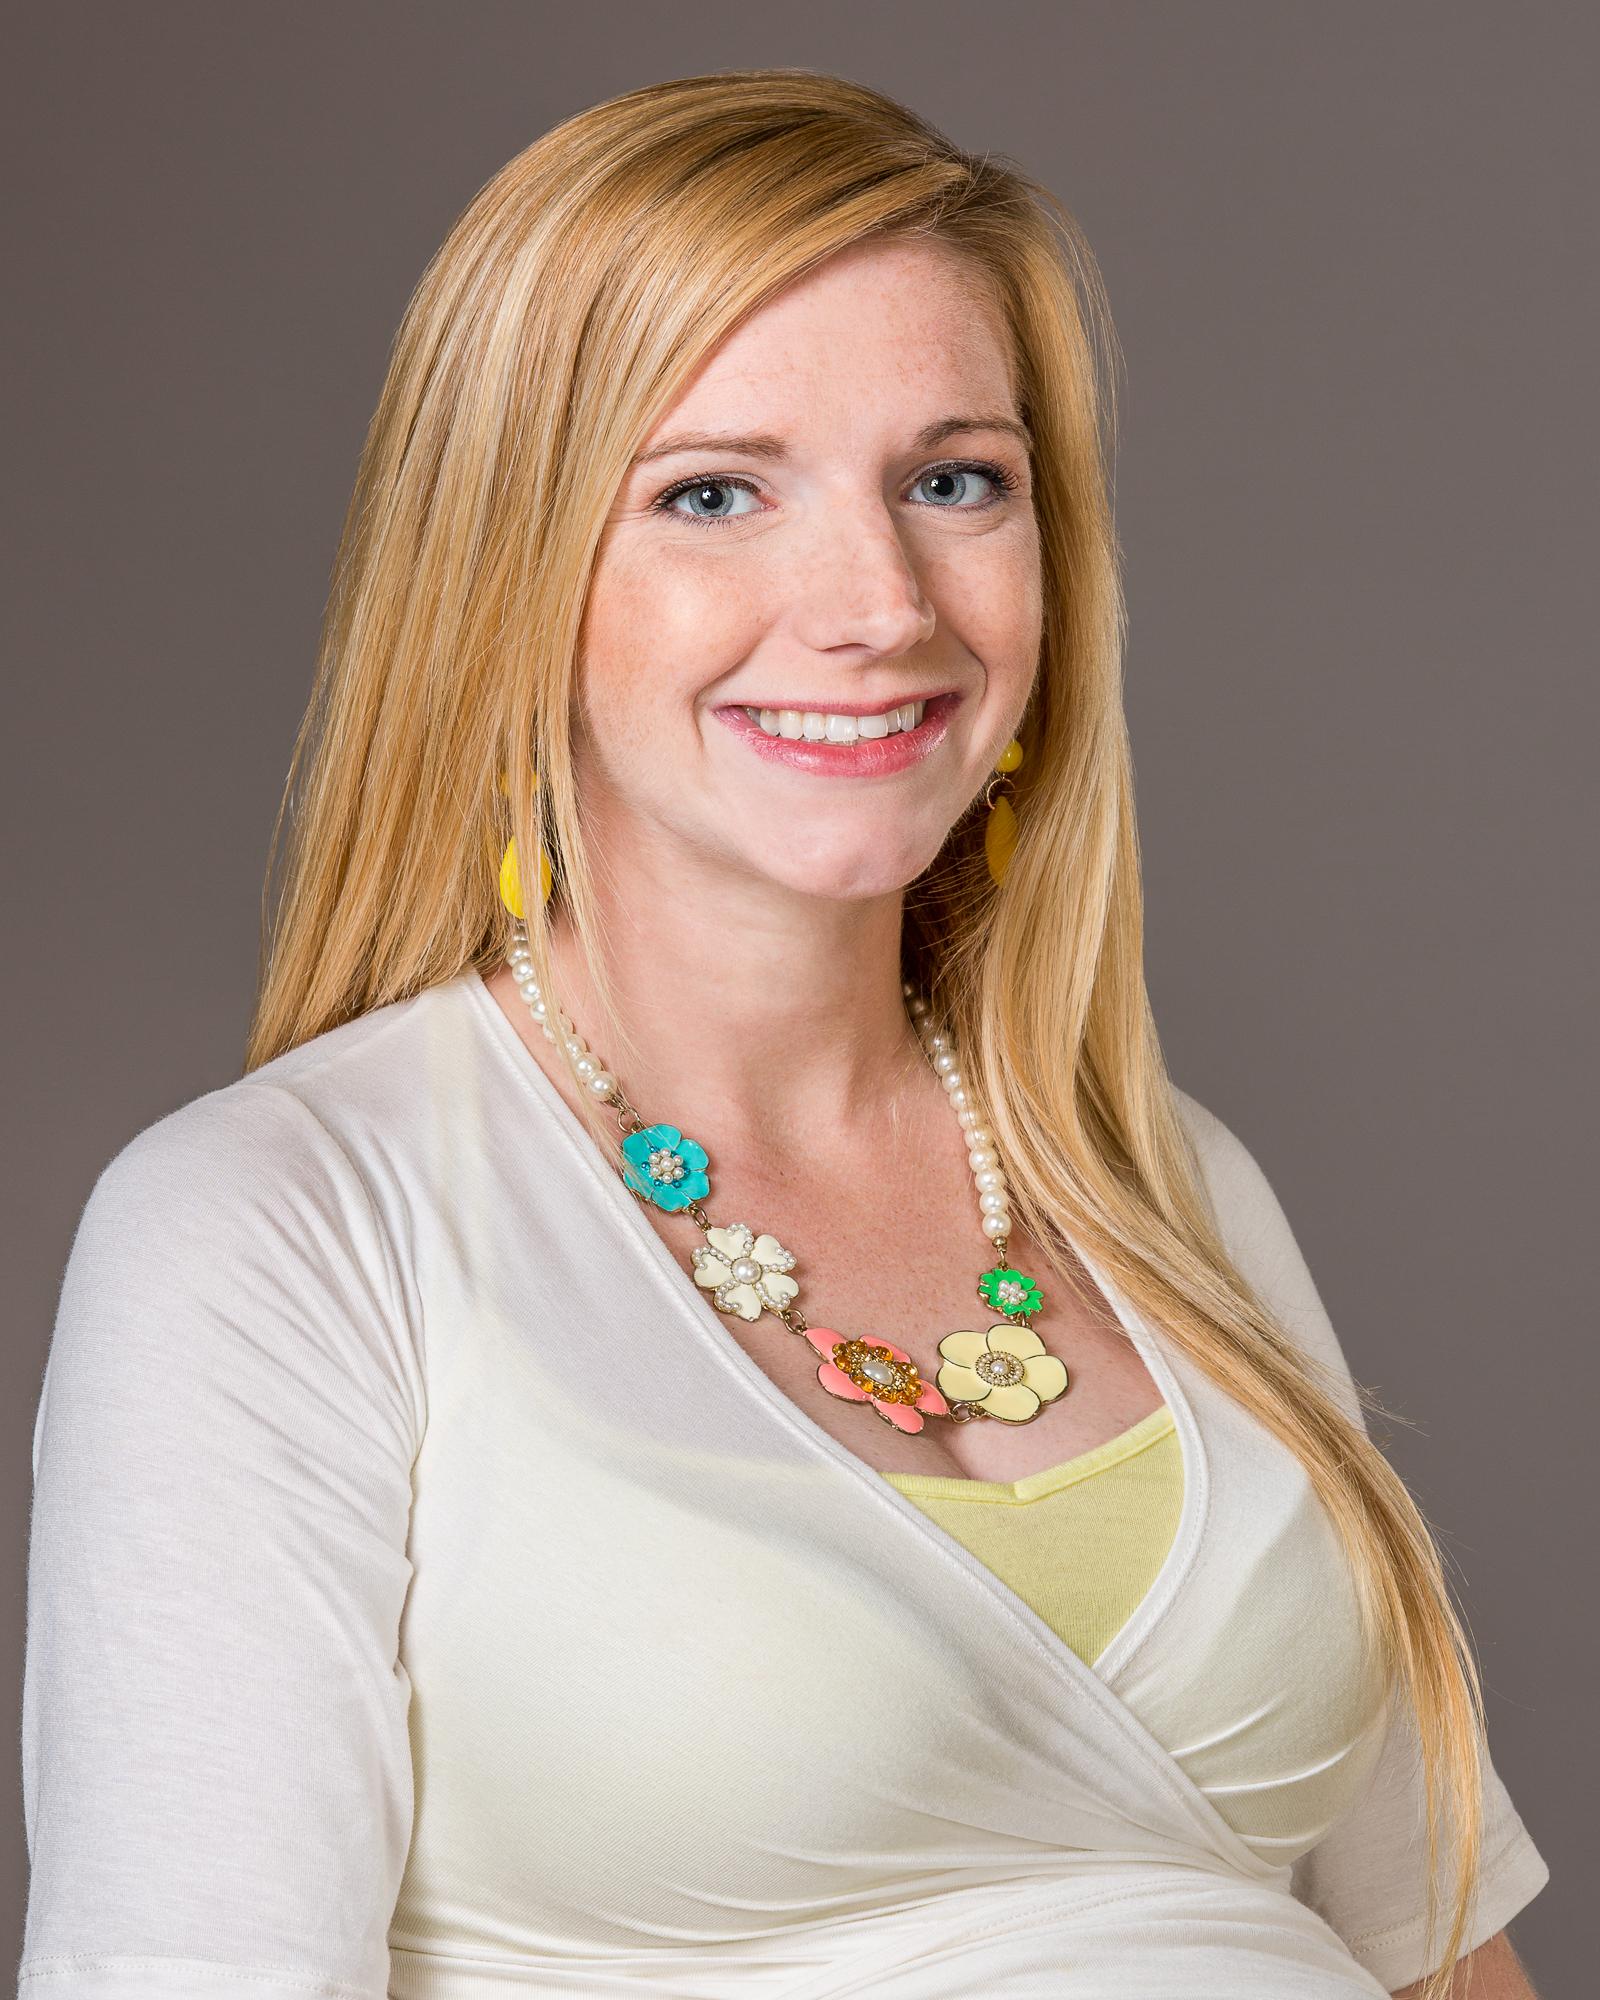 Amanda Brenner, ARNP